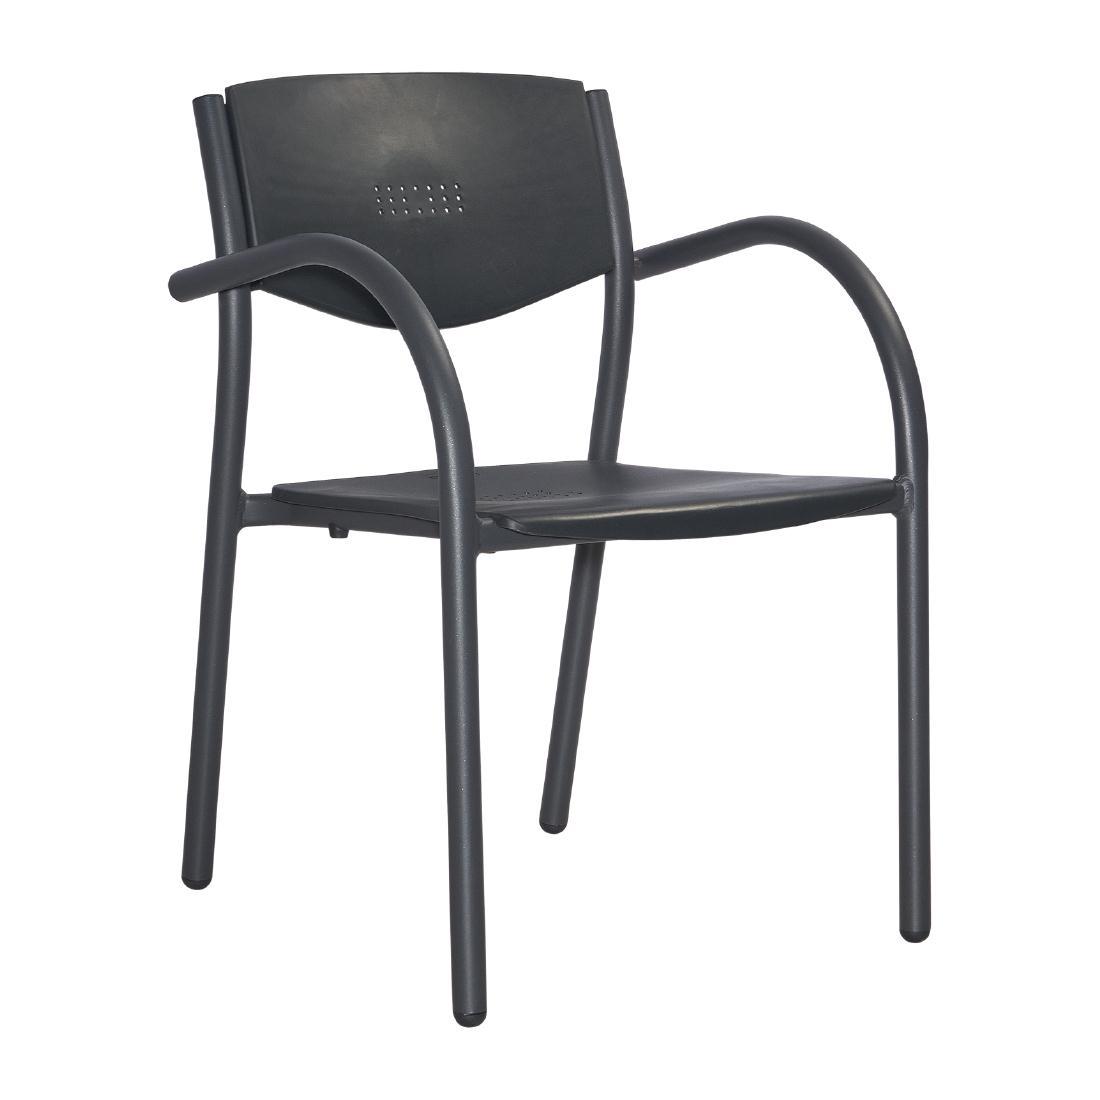 Chaises d\'extérieur design empilables par 8